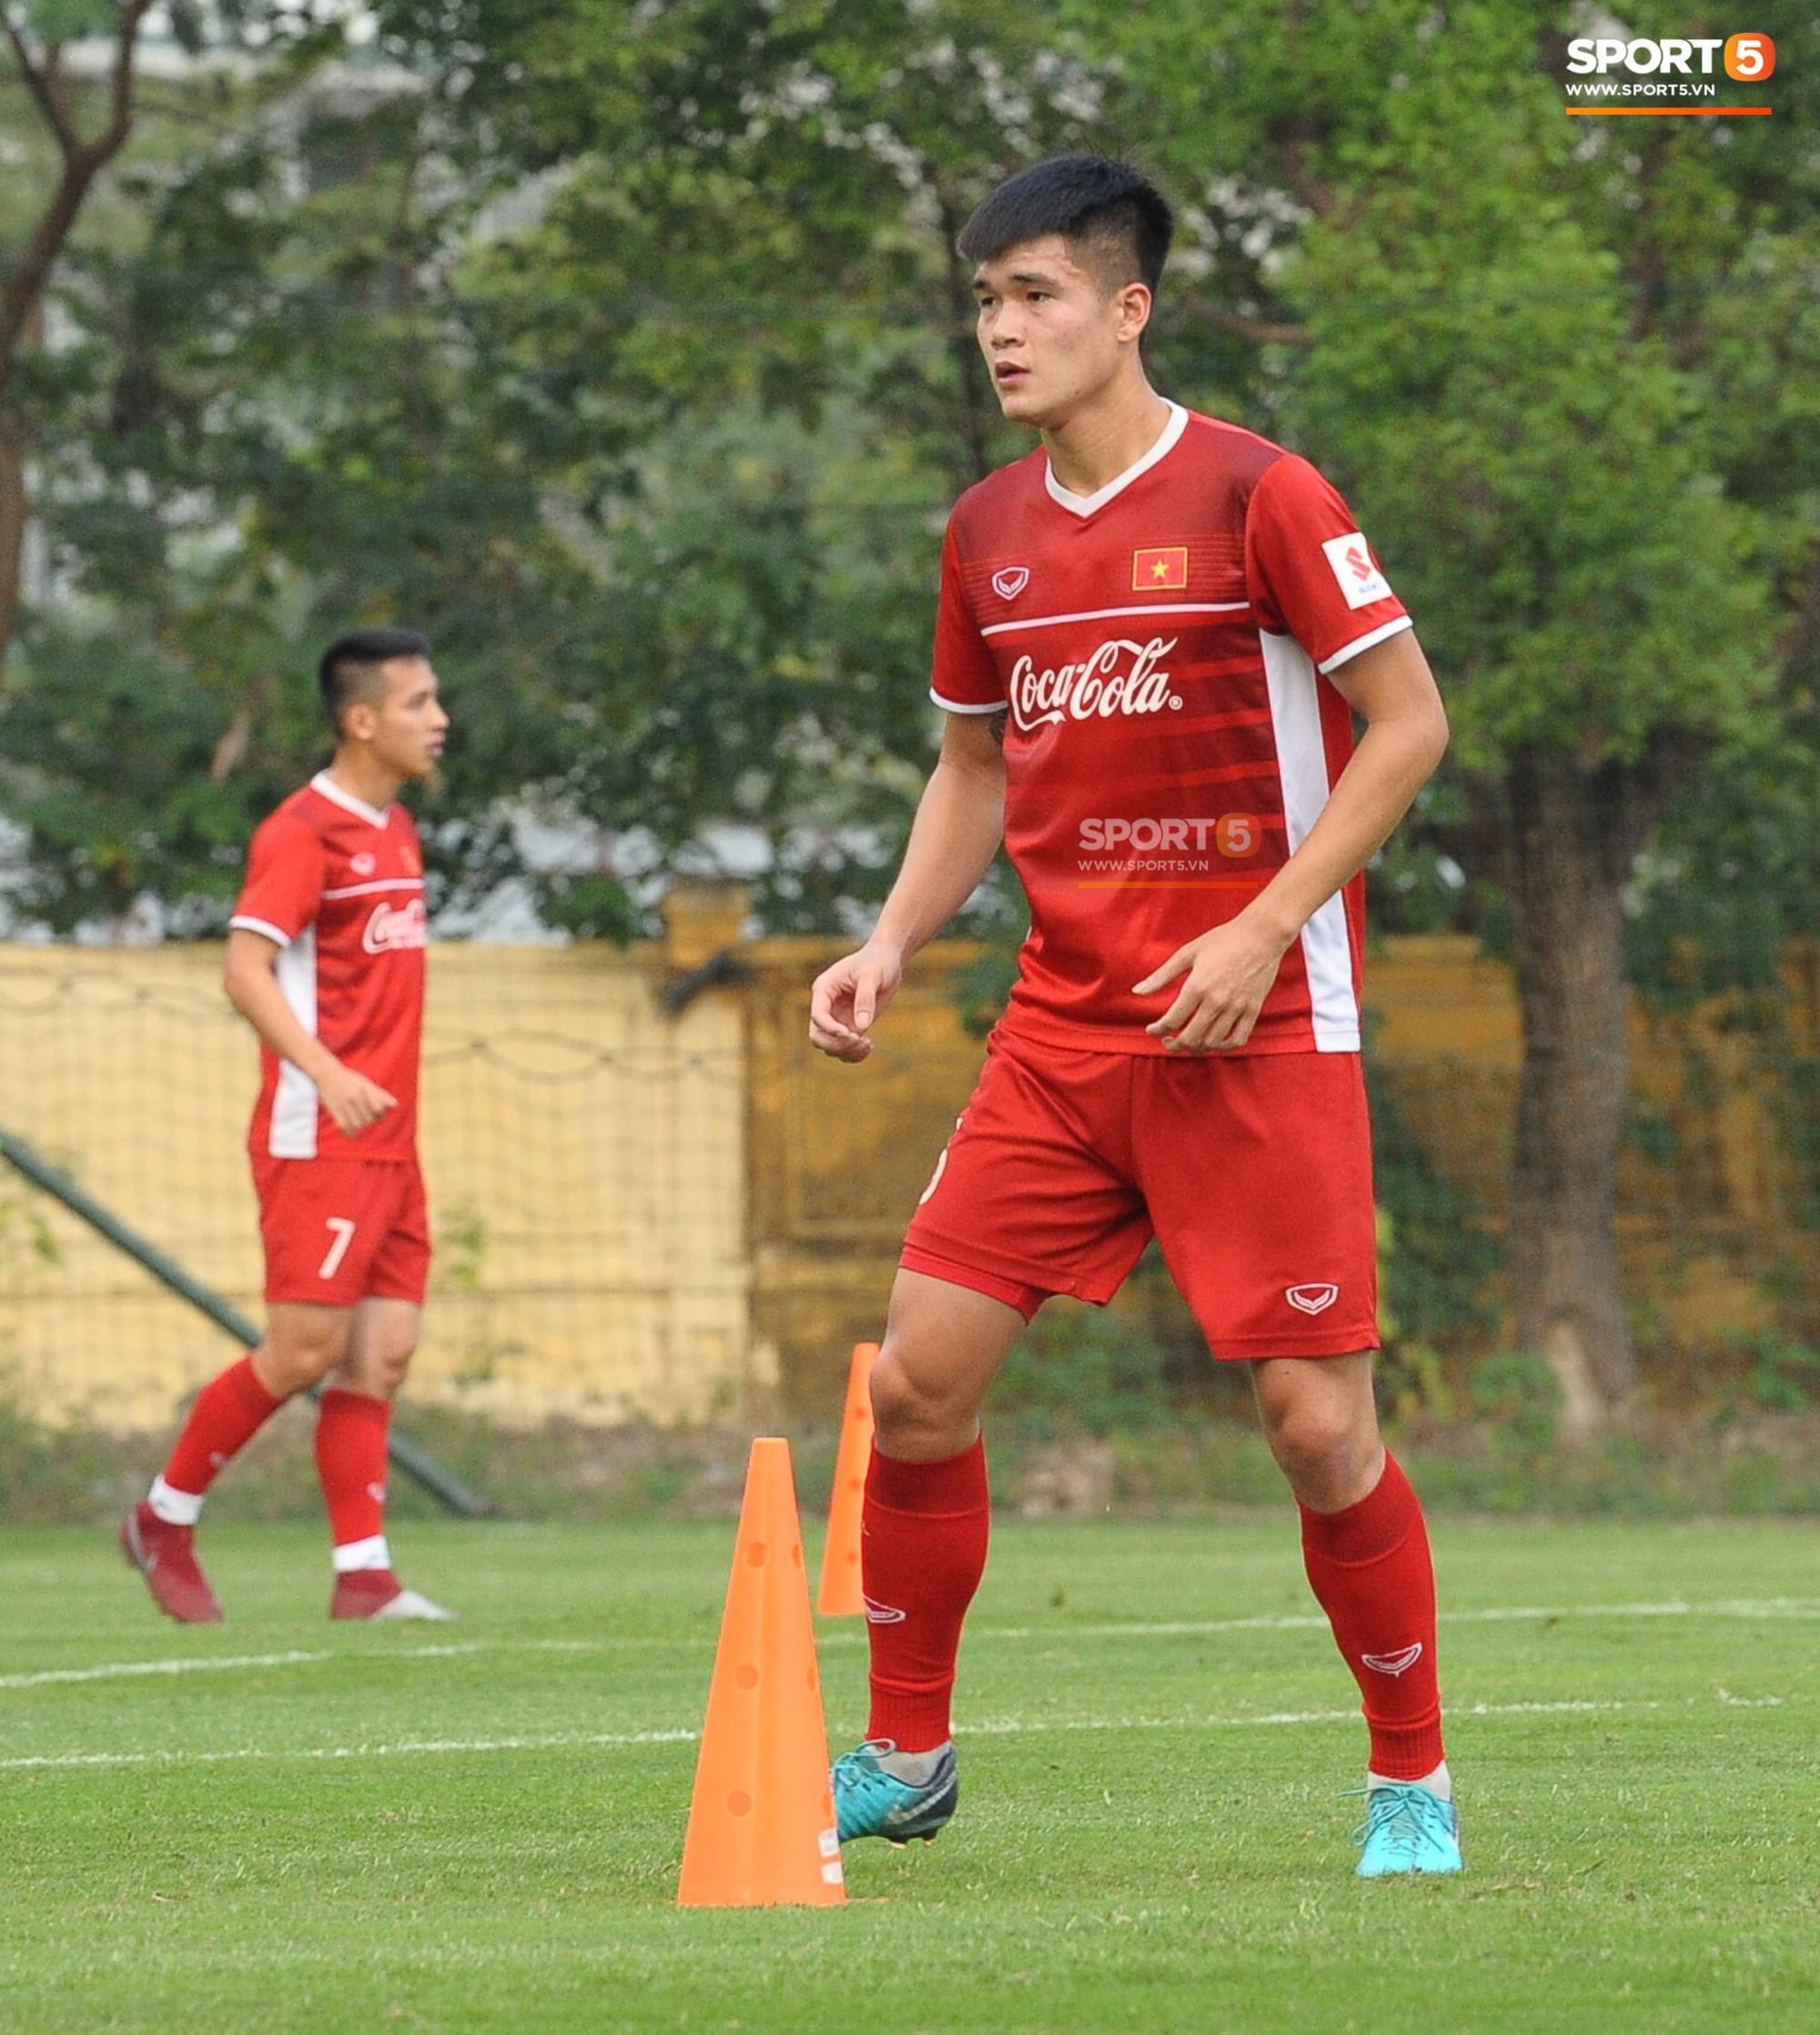 Tâm sự của trung vệ tuyển Việt Nam trong đêm Giáng sinh khiến fan rơi nước mắt - Ảnh 2.